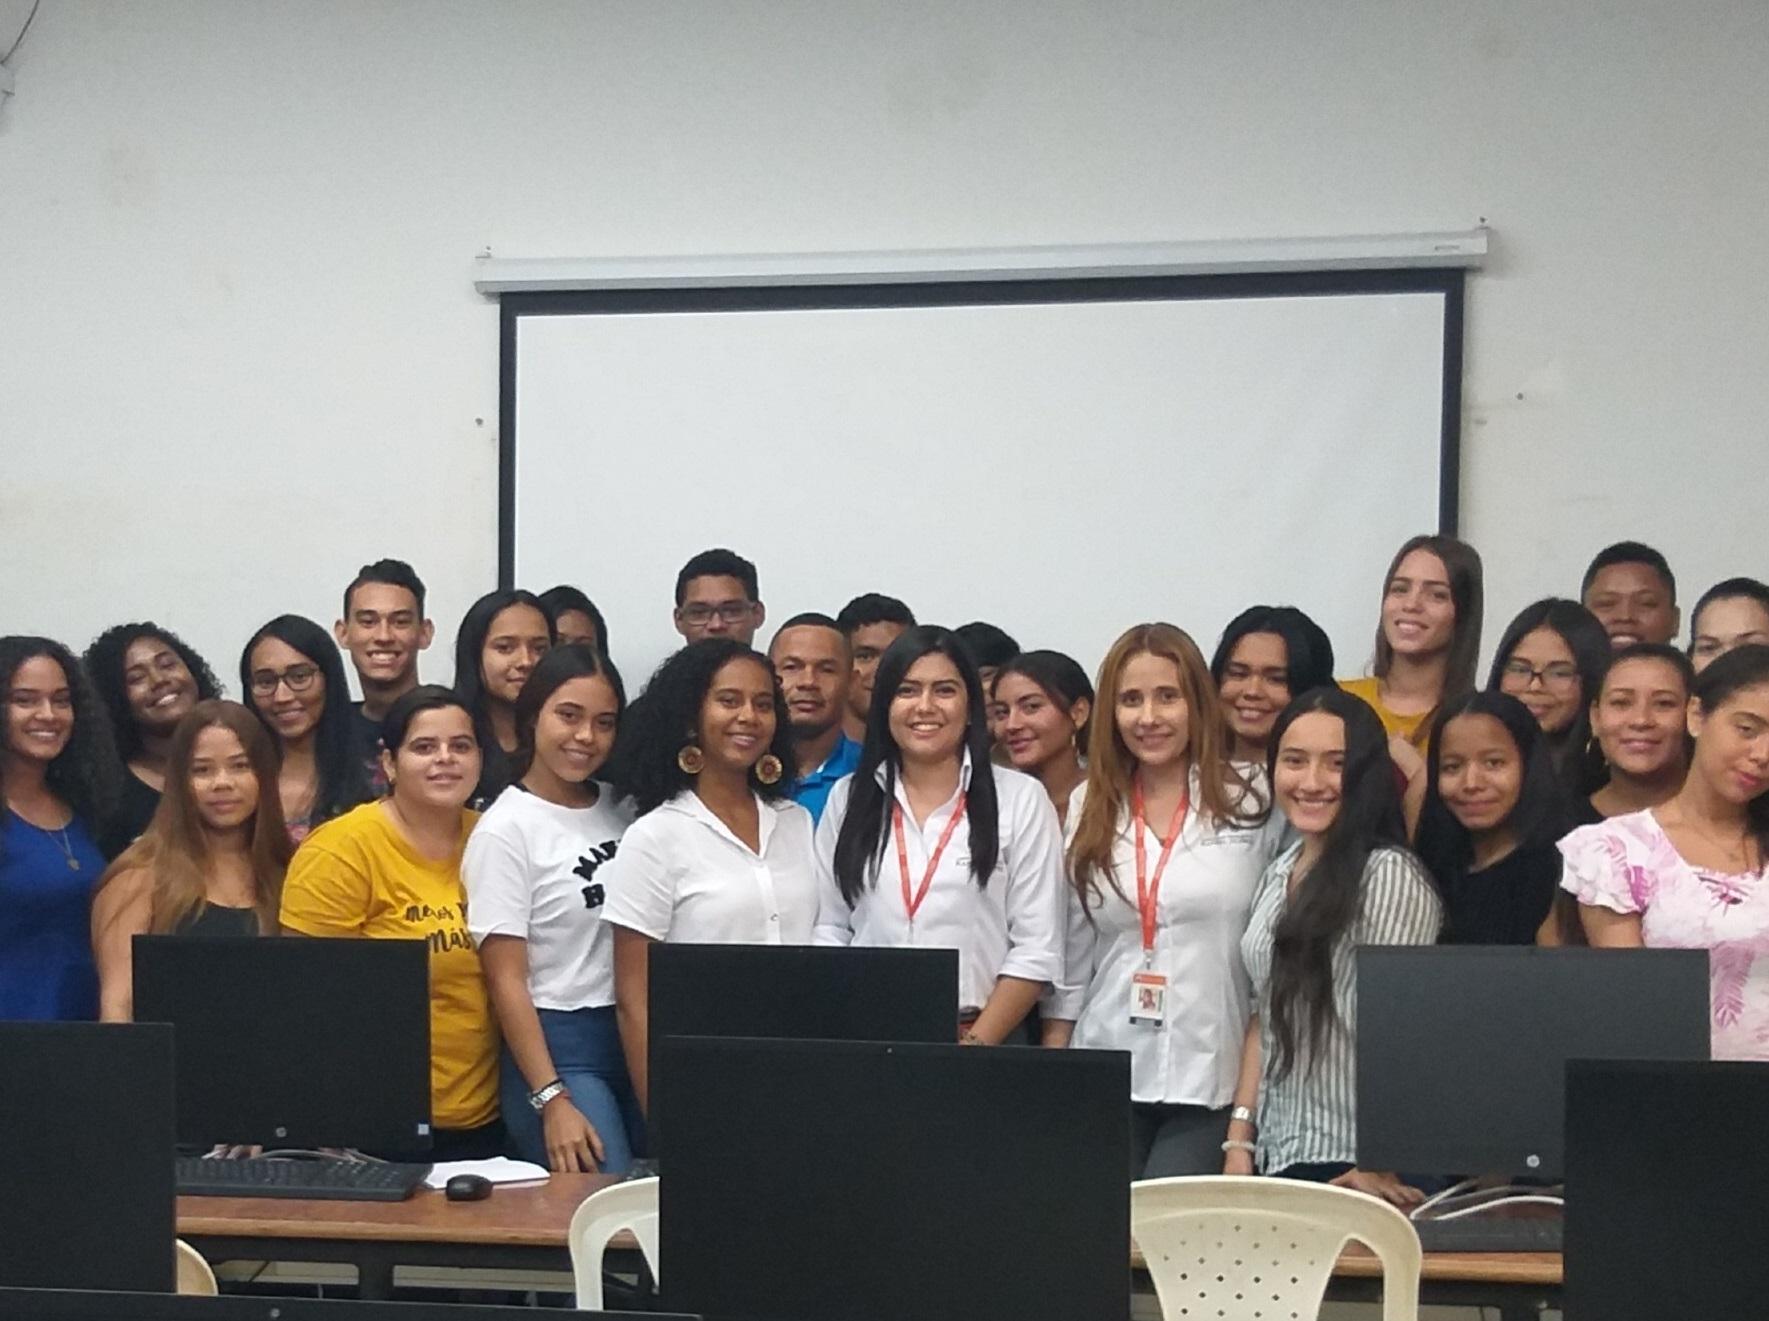 Inducción a estudiantes primer semestre del programa de Derecho Cartagena periodo 2019-2